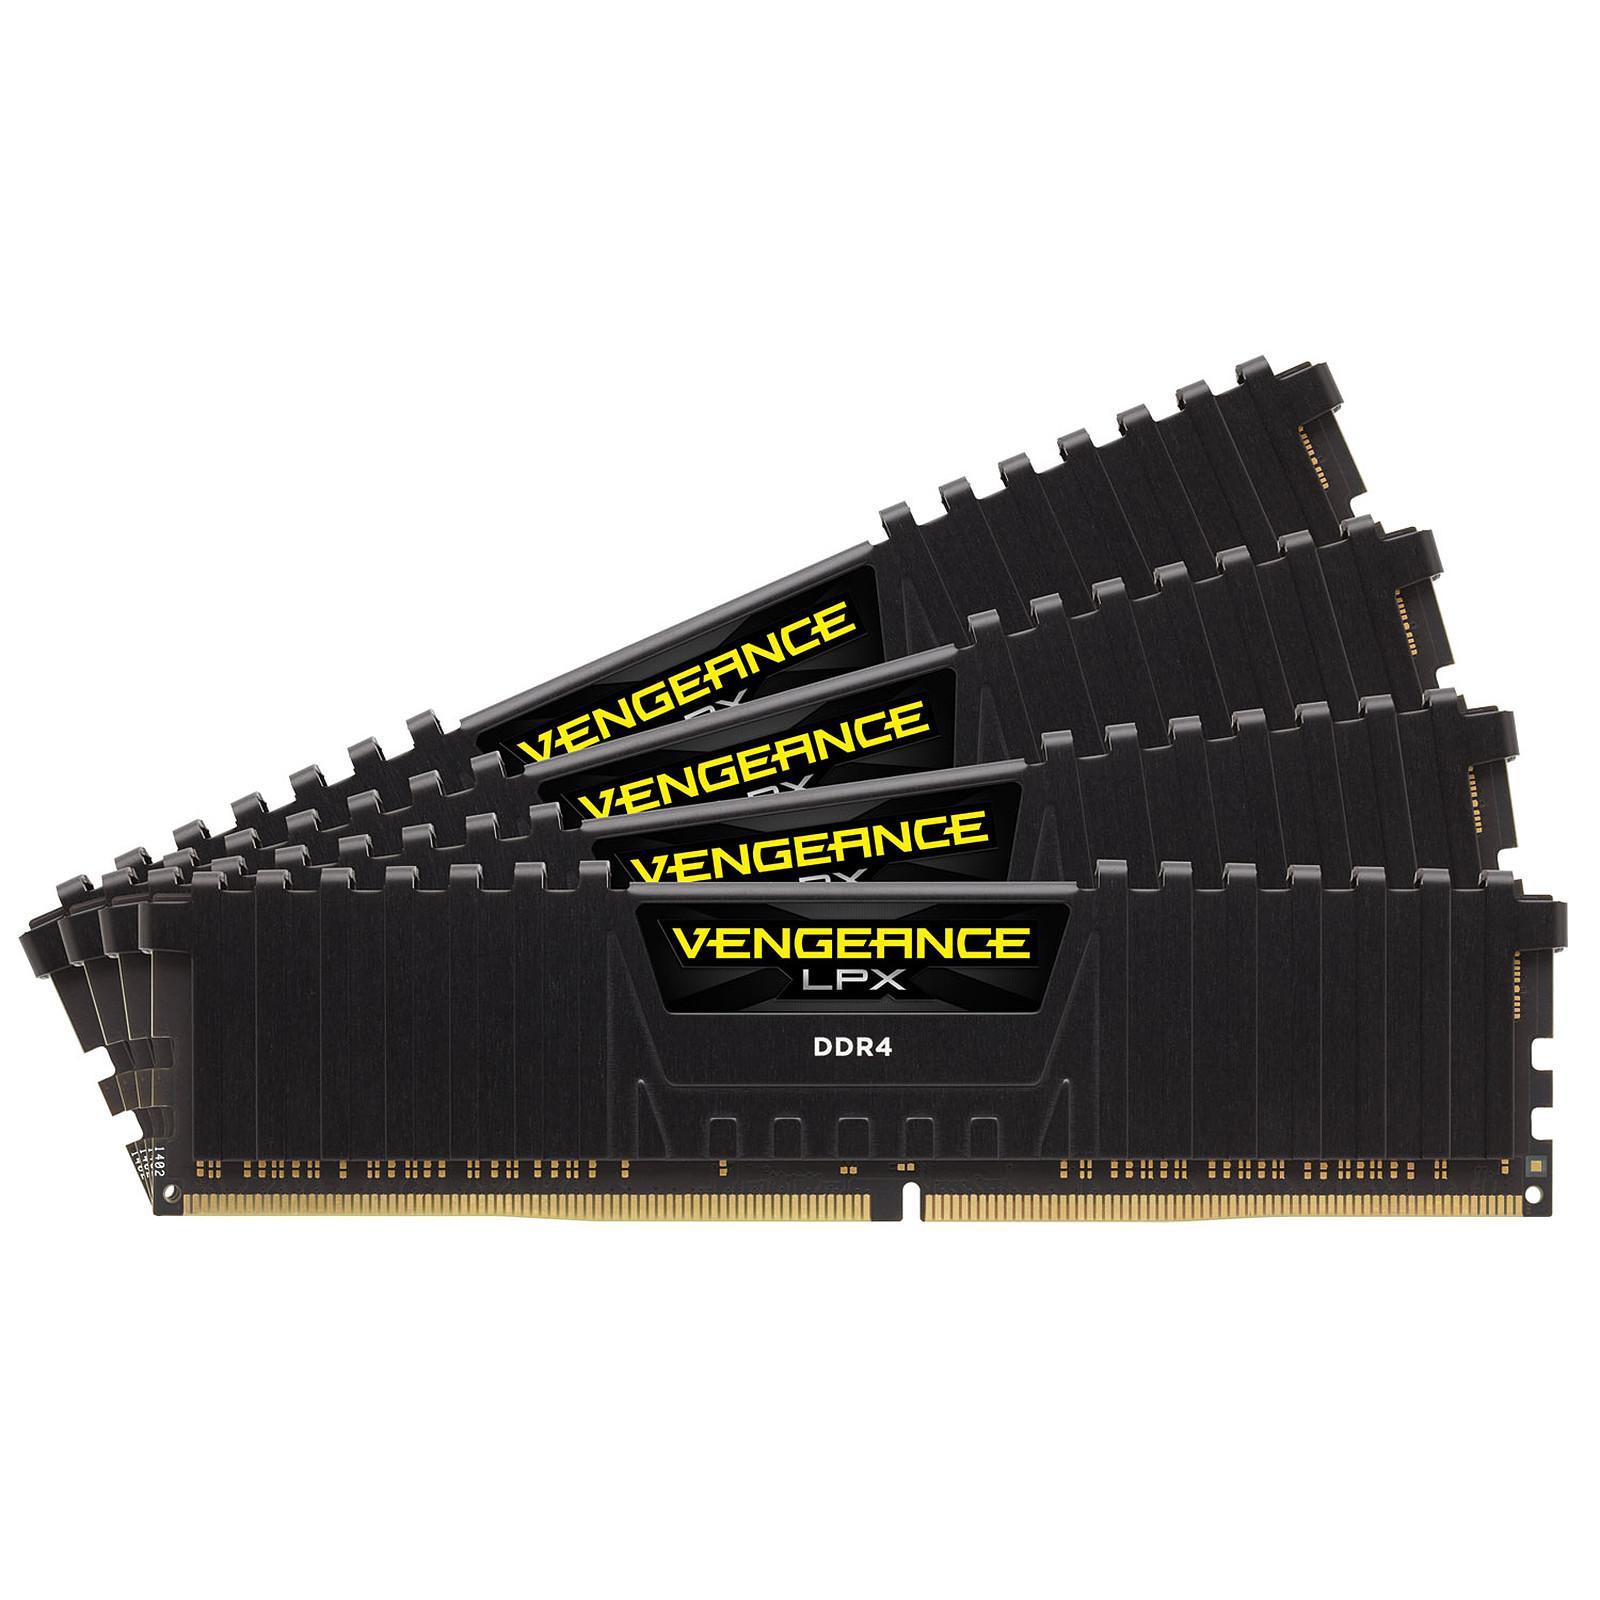 Corsair Vengeance LPX Series Low Profile 64 Go (4x 16 Go) DDR4 2133 MHz CL13